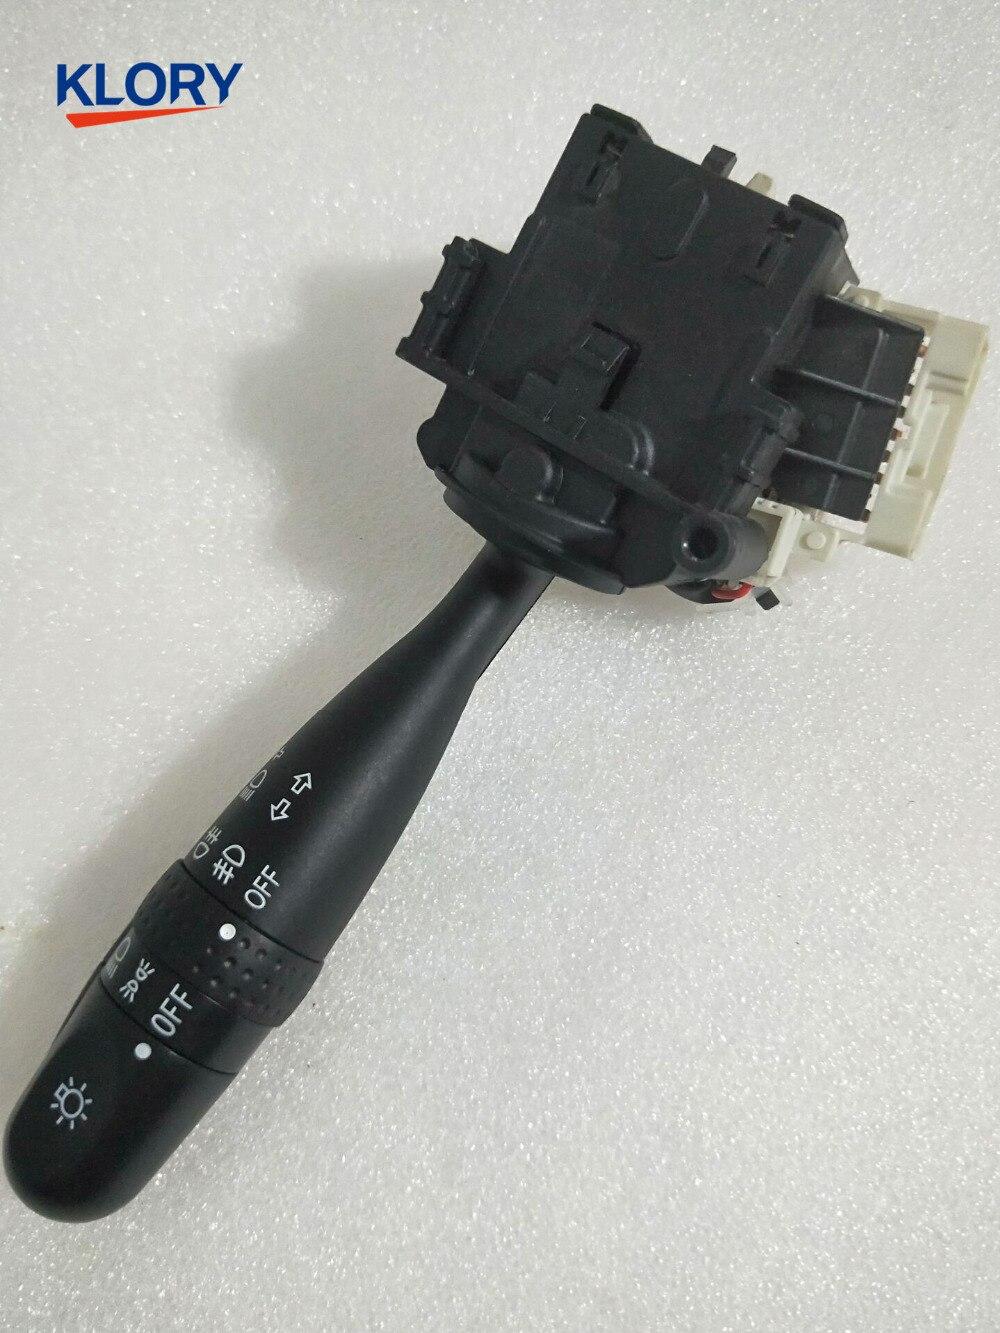 3774020-0000 SW ASSY-COMBINATION LAMP voor zx-atuo onderdelen grandtiger